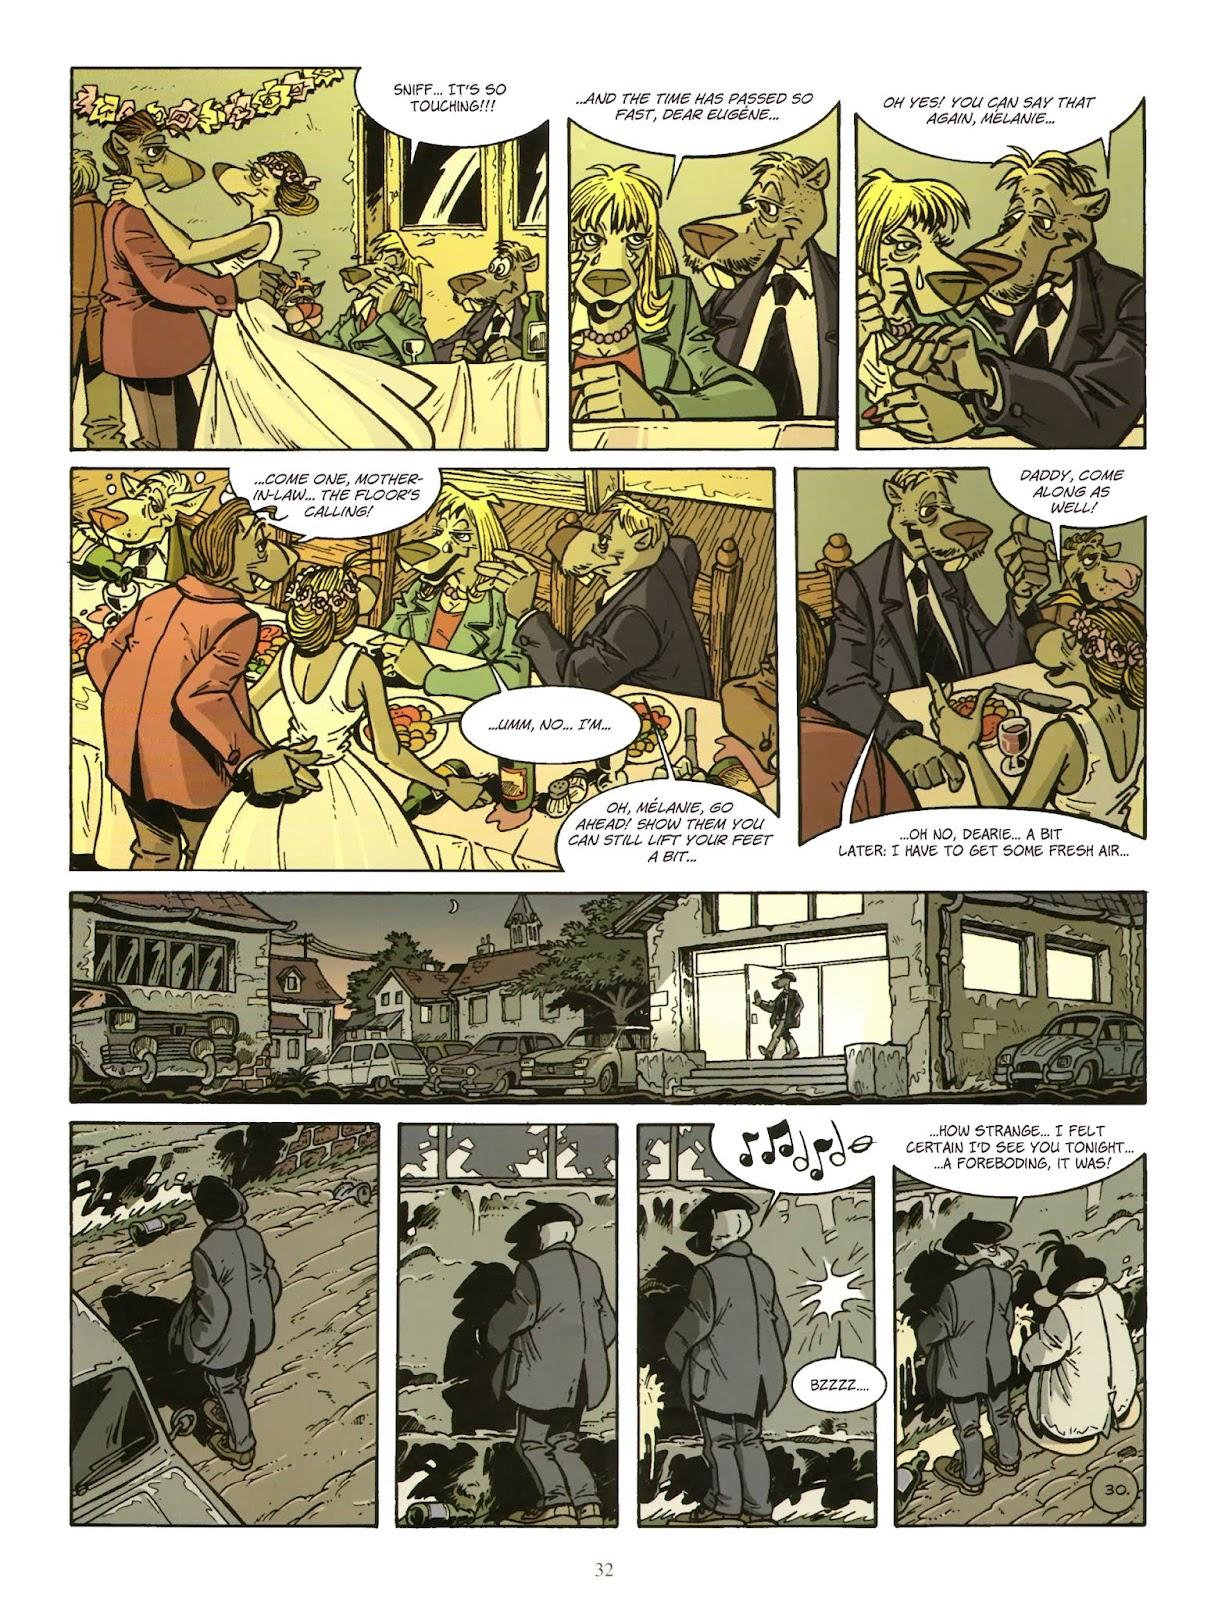 Une enquête de l'inspecteur Canardo issue 11 - Page 33